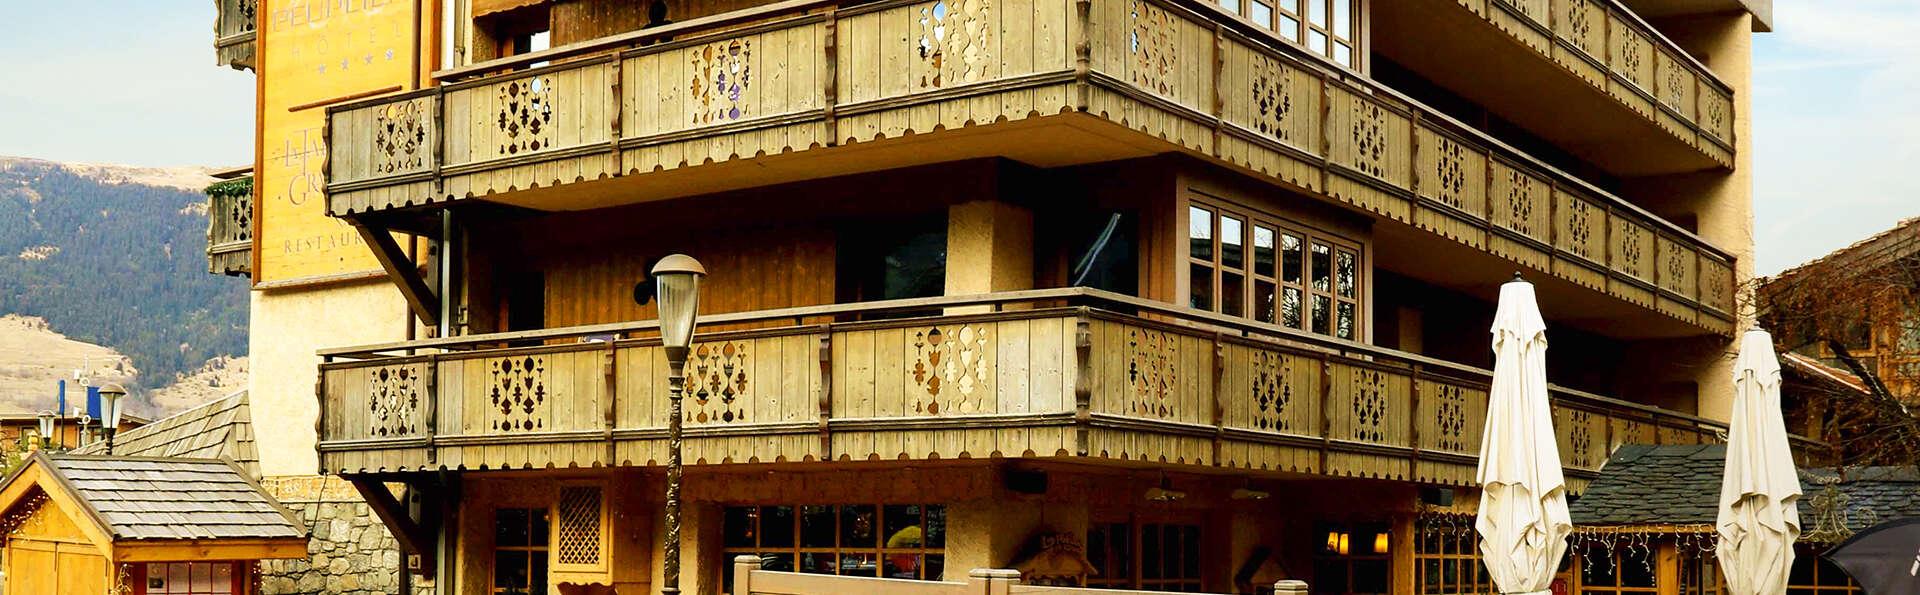 Hôtel Les Peupliers - Courchevel - edit_new_facade1.jpg